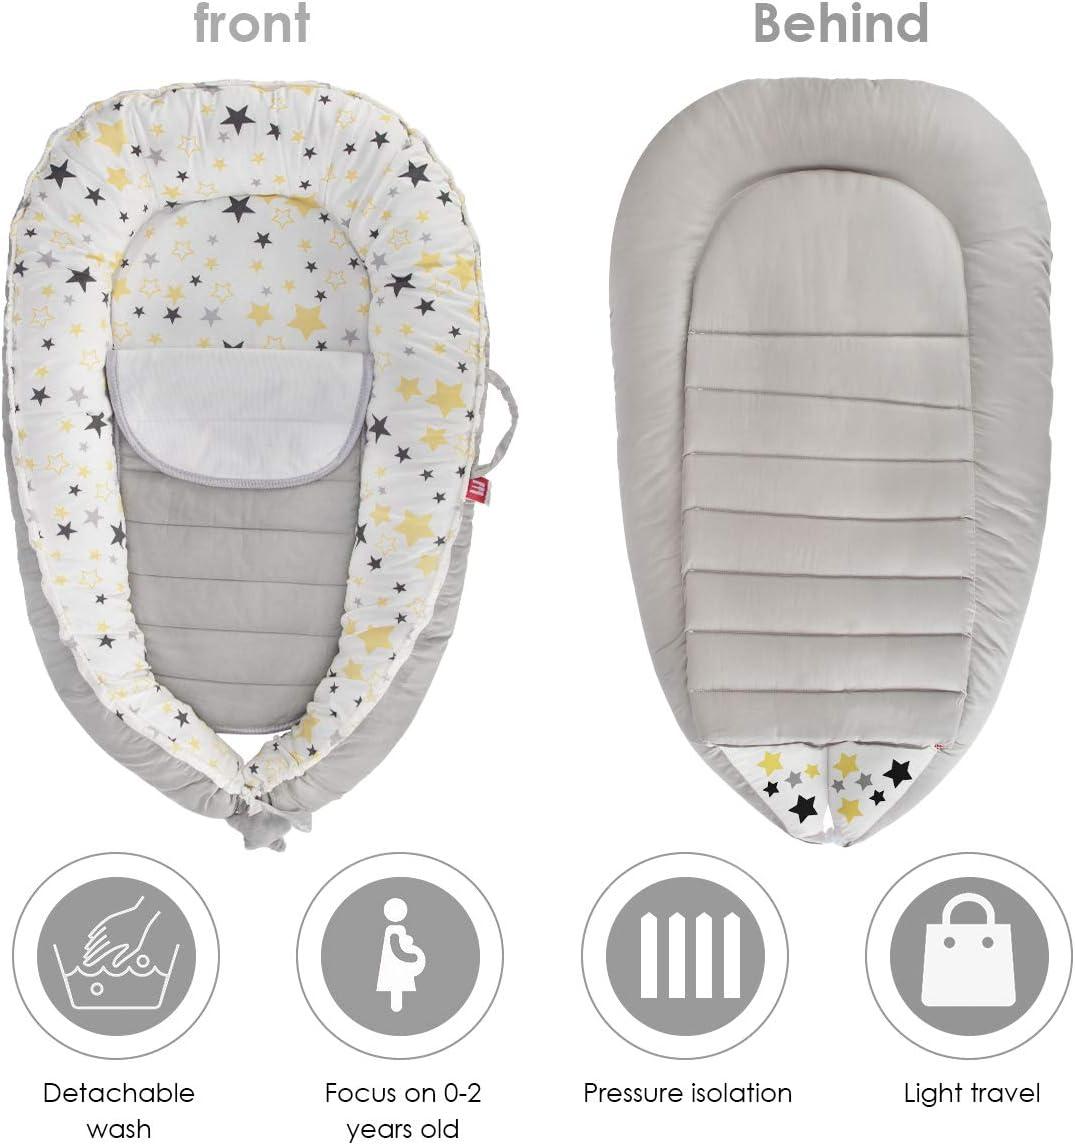 Tabpole Chaise longue pour bébé portable avec coussin d'urine pour bébé 0-1 ans Gris + étoile jaune.